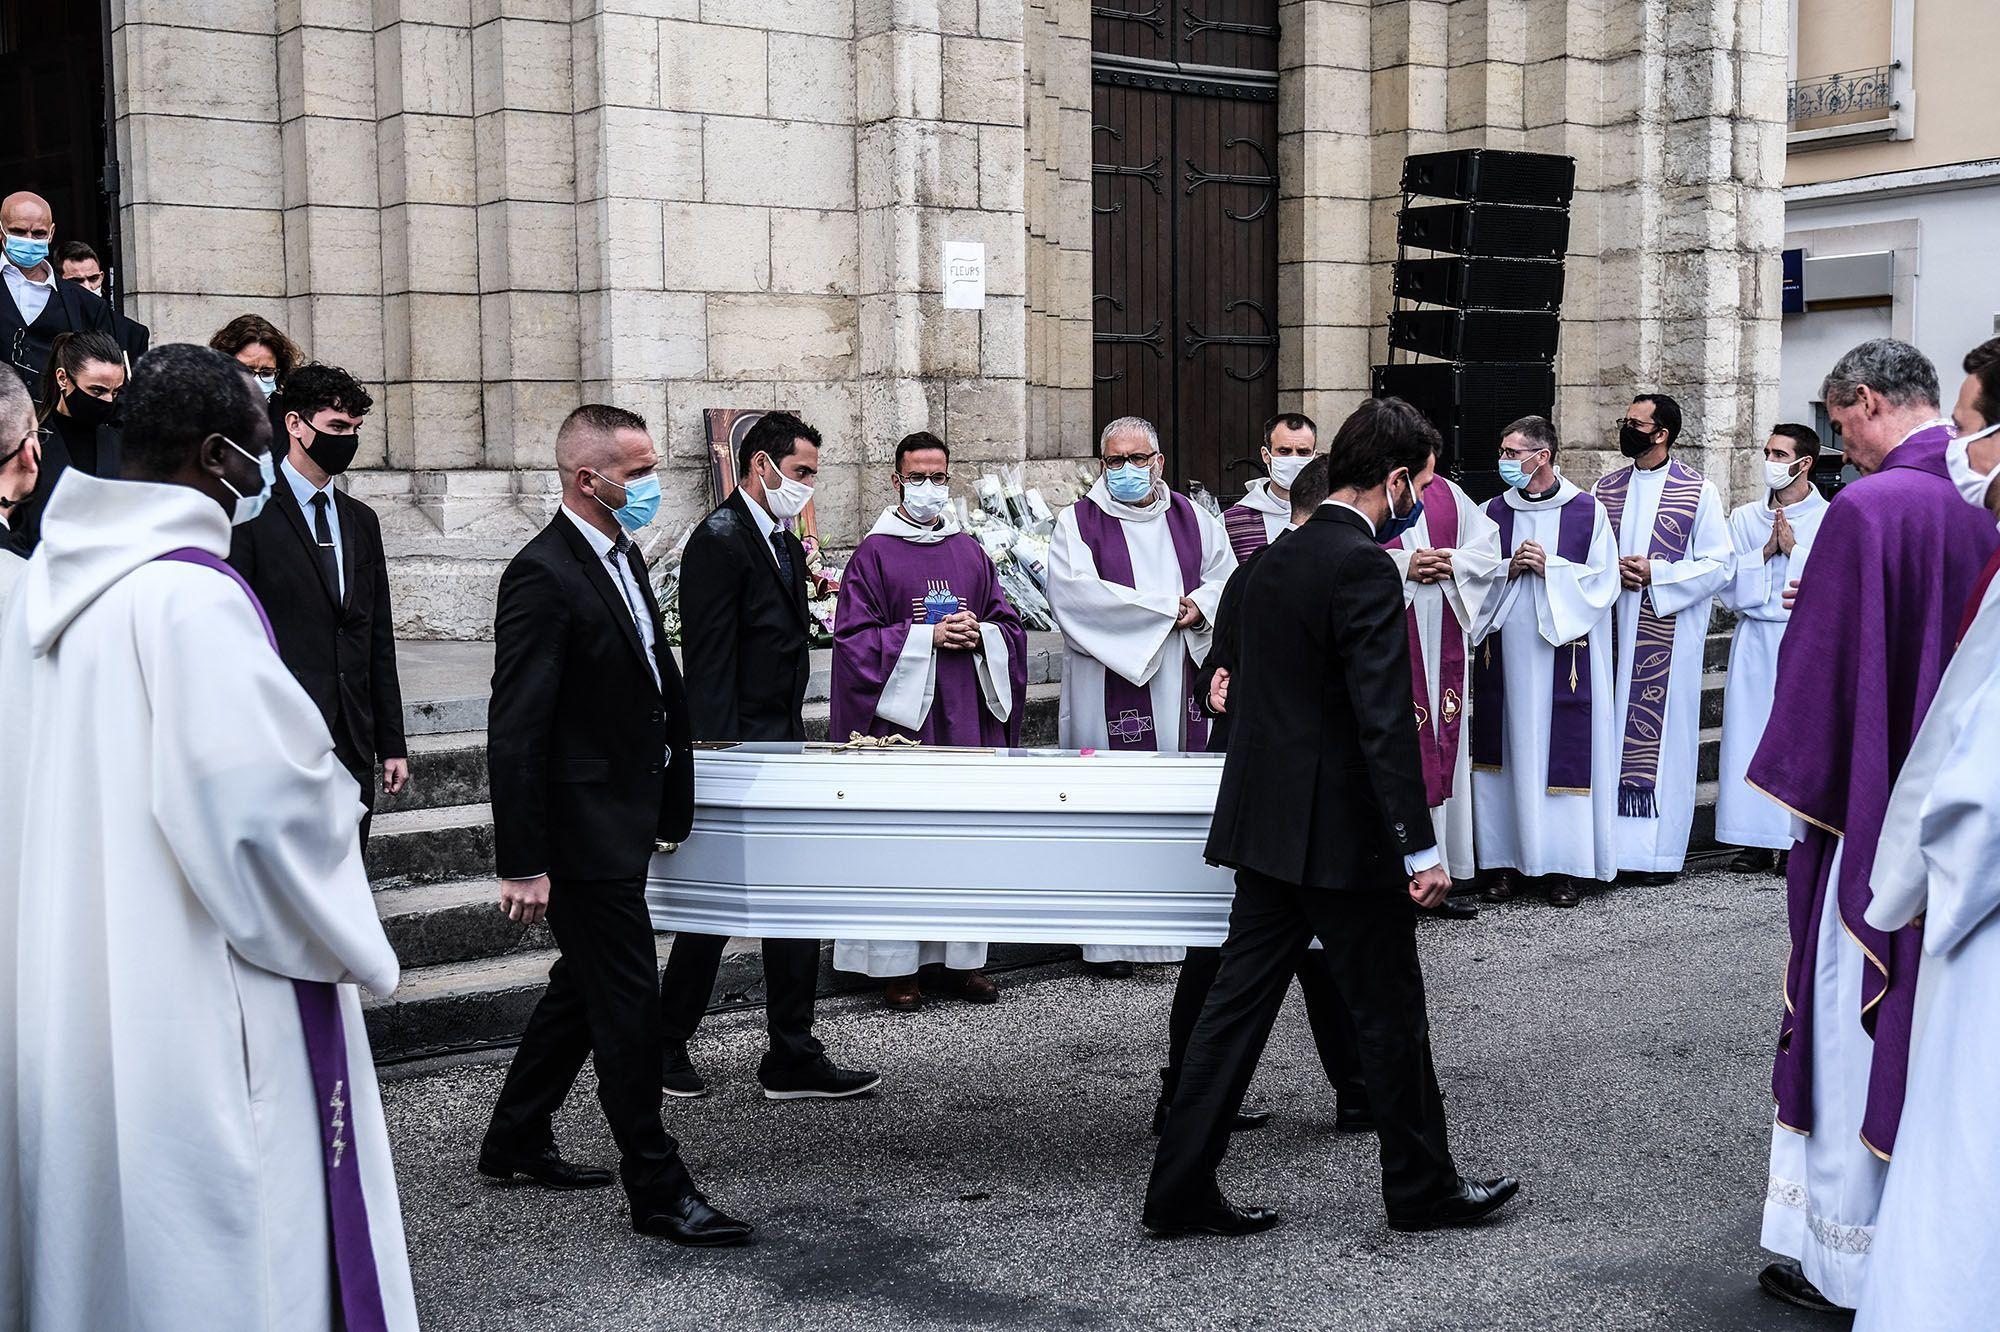 Victorine Dartois Des Obseques Emouvantes Et Le Mystere De Sa Mort Toujours Non Elucide